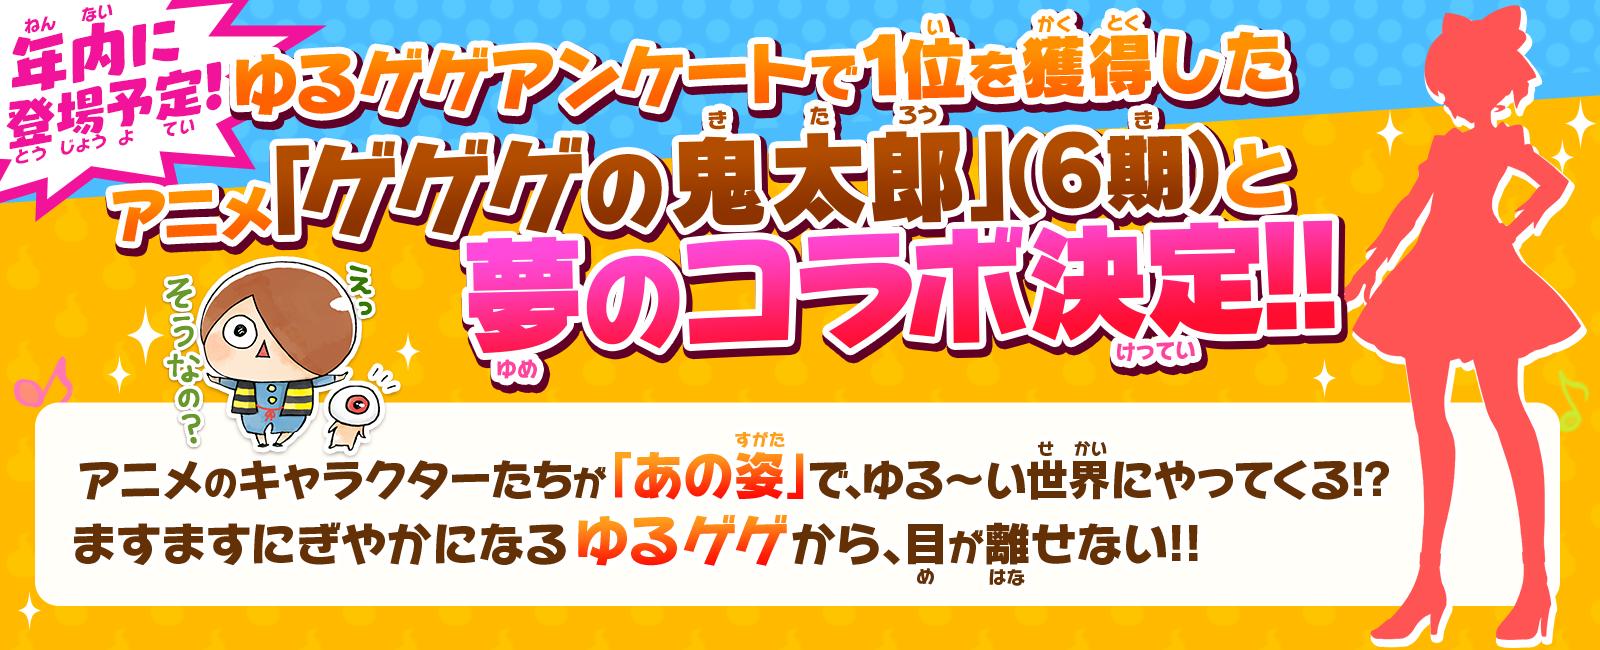 『ゆる~いゲゲゲの鬼太郎 妖怪ドタバタ大戦』アップデート TVアニメコラボ画像